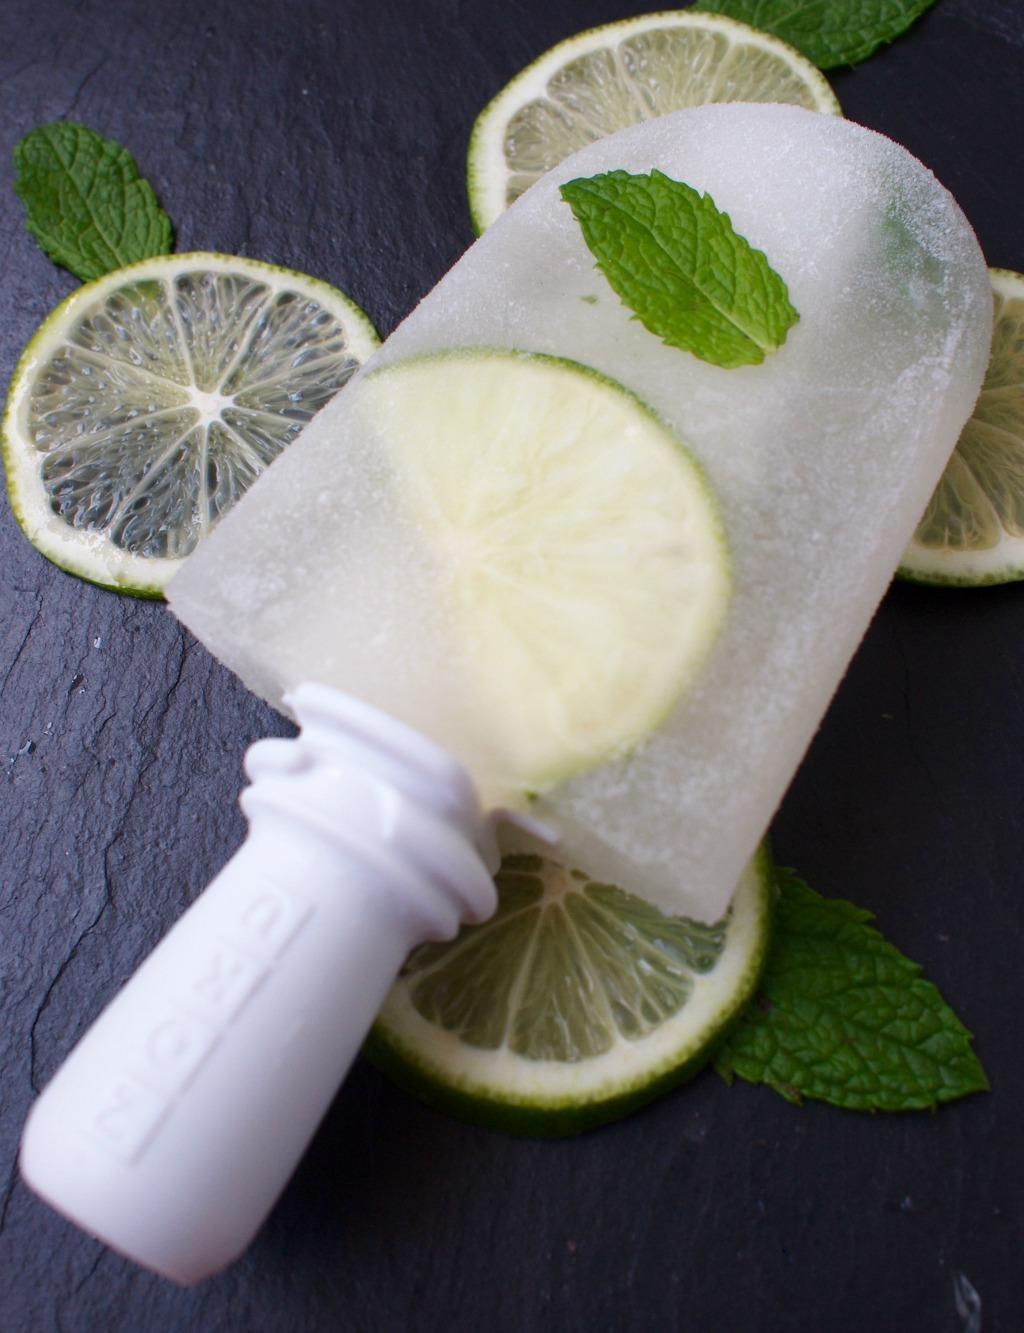 Recept voor Witte wijn ijsjes met limoen en munt